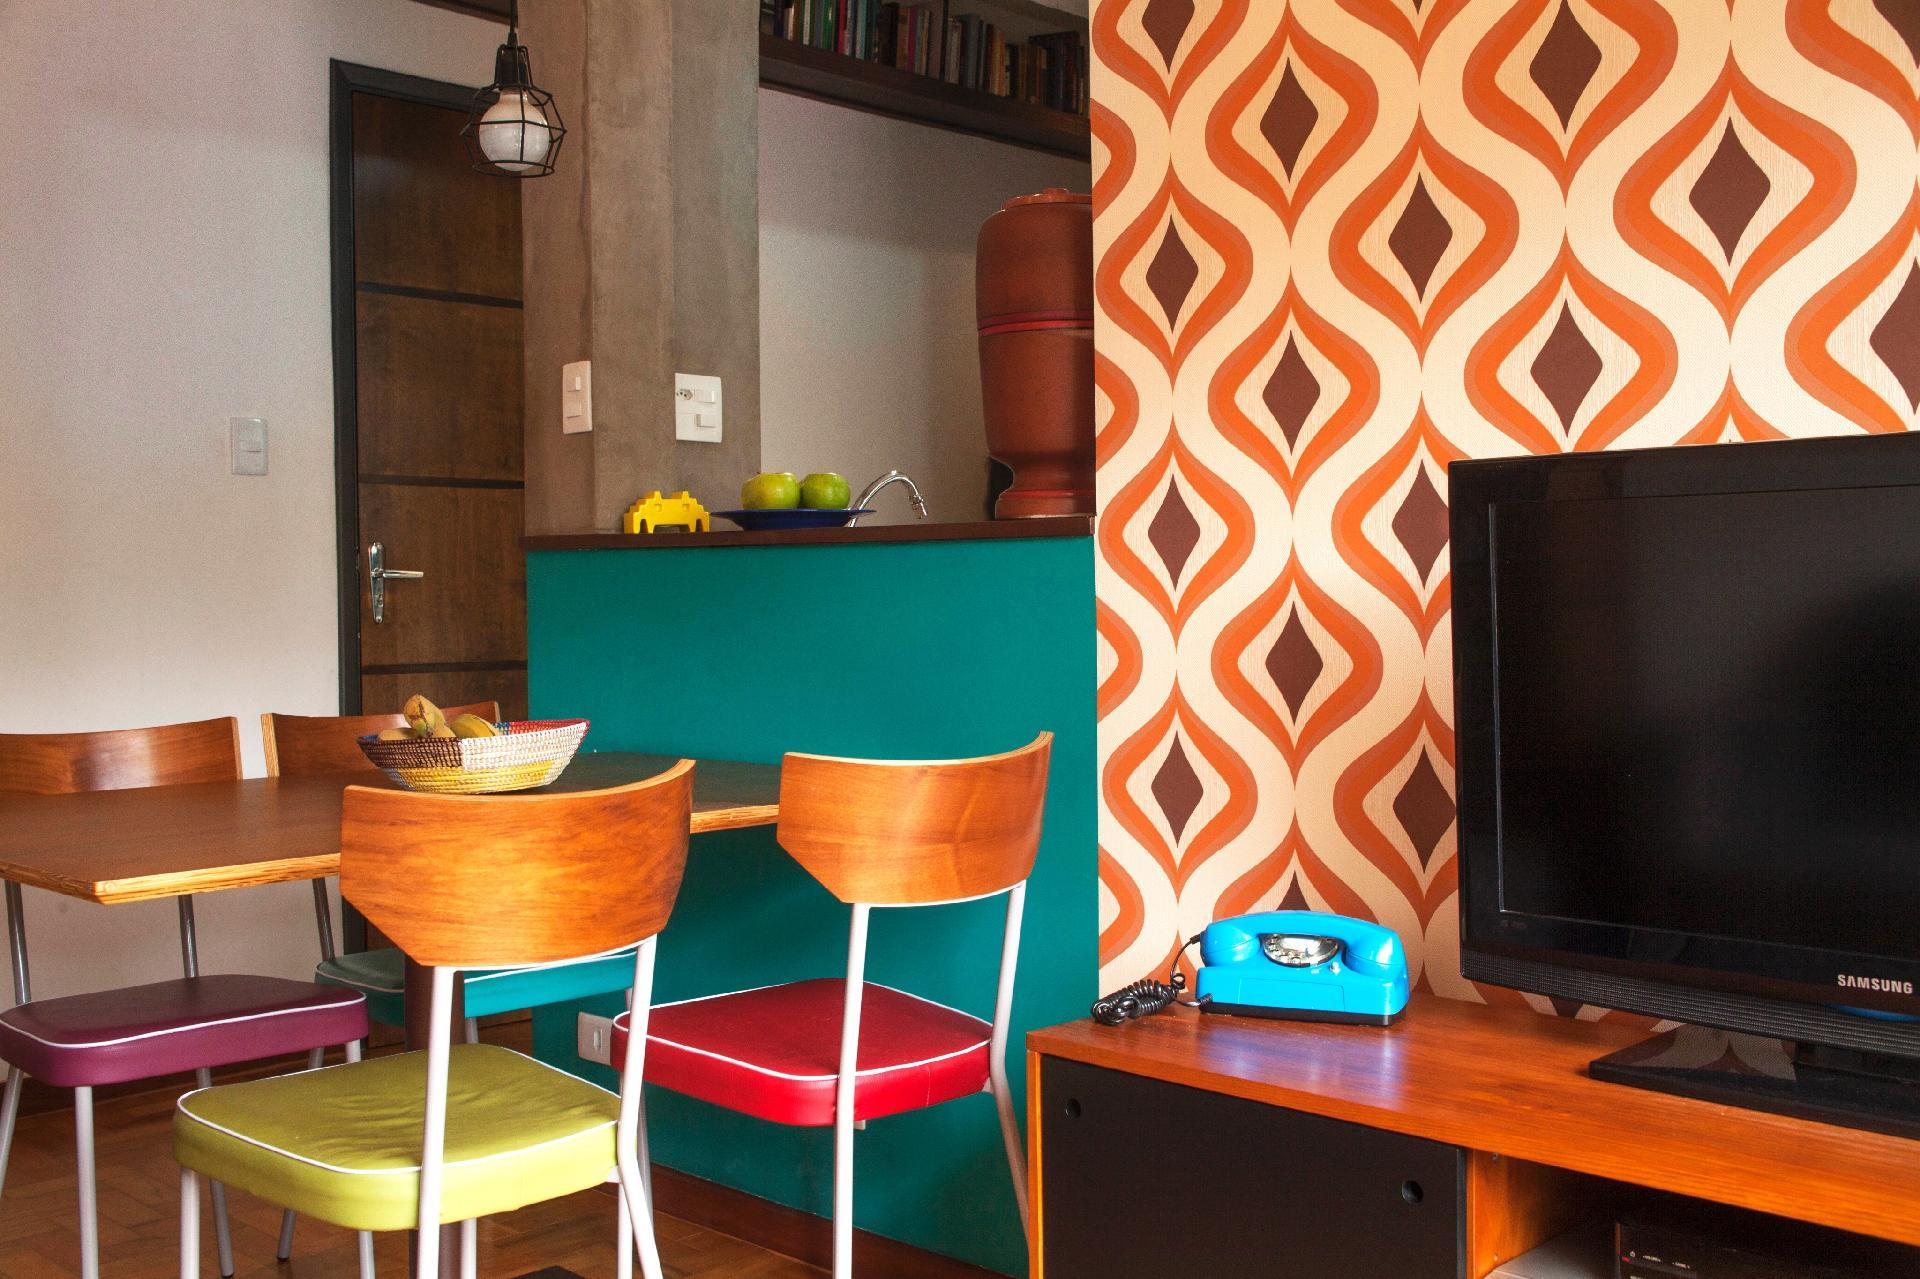 A mudança começou quando 'quebramos a parede da cozinha criando um balcão para integrar os ambientes  sociais', conta o arquiteto Fábio Borges, do escritório Dois Projetos. O teto foi mantido como na versão original, sem ser rebaixado em qualquer ponto. Pelo pé-direito um tanto alto, típico dos imóveis construídos nos anos 1970, os espaços parecem mais amplos